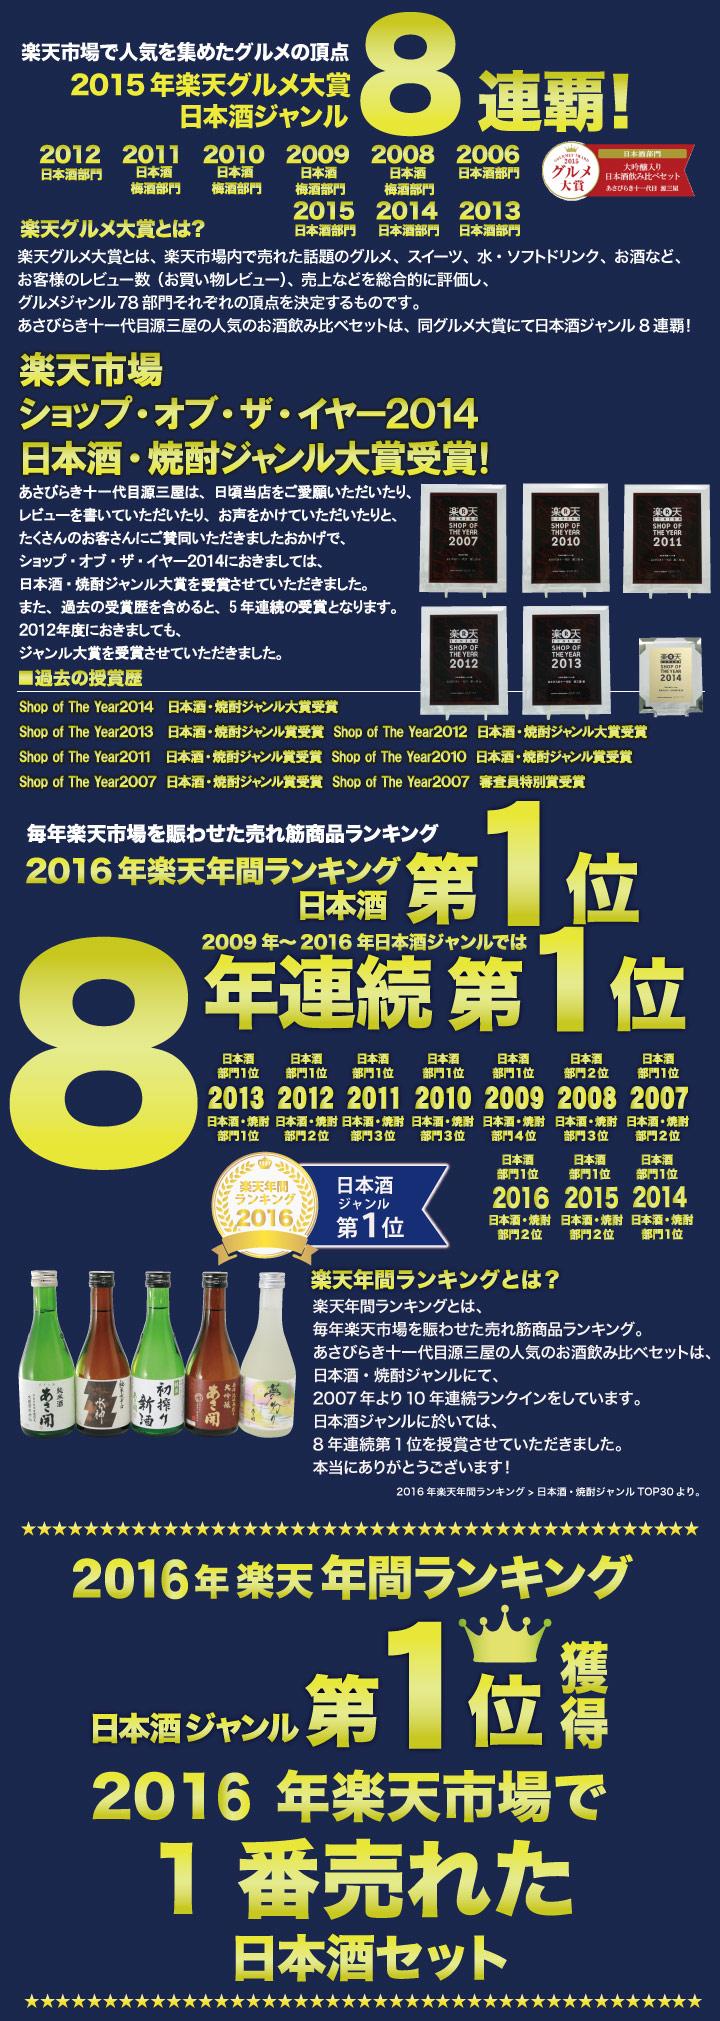 楽天年間ランキング7年連続第1位グルメ大賞8年連続受賞